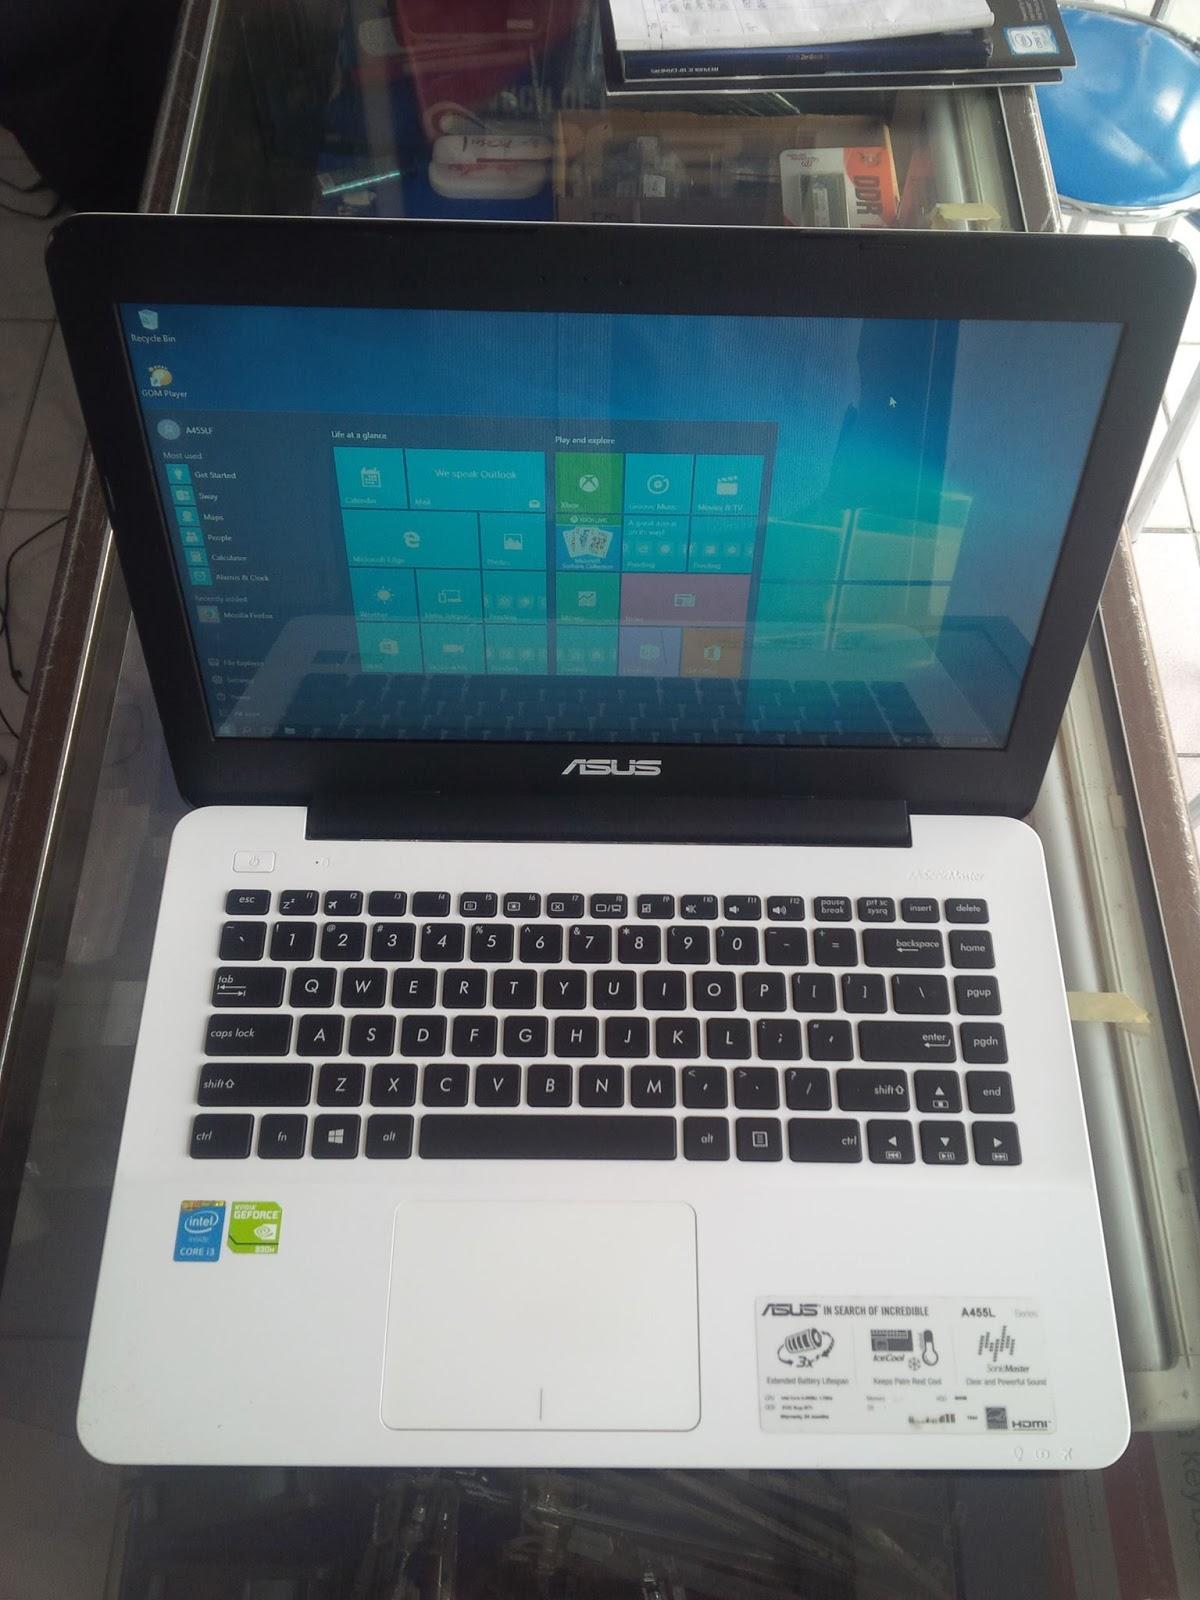 Notebook Murah Asus A455lf Core I3 Daftar Harga Terlengkap Wx158d Graphic Spesifikasi Laptop Bekas Processors Intel 4005u 17ghz